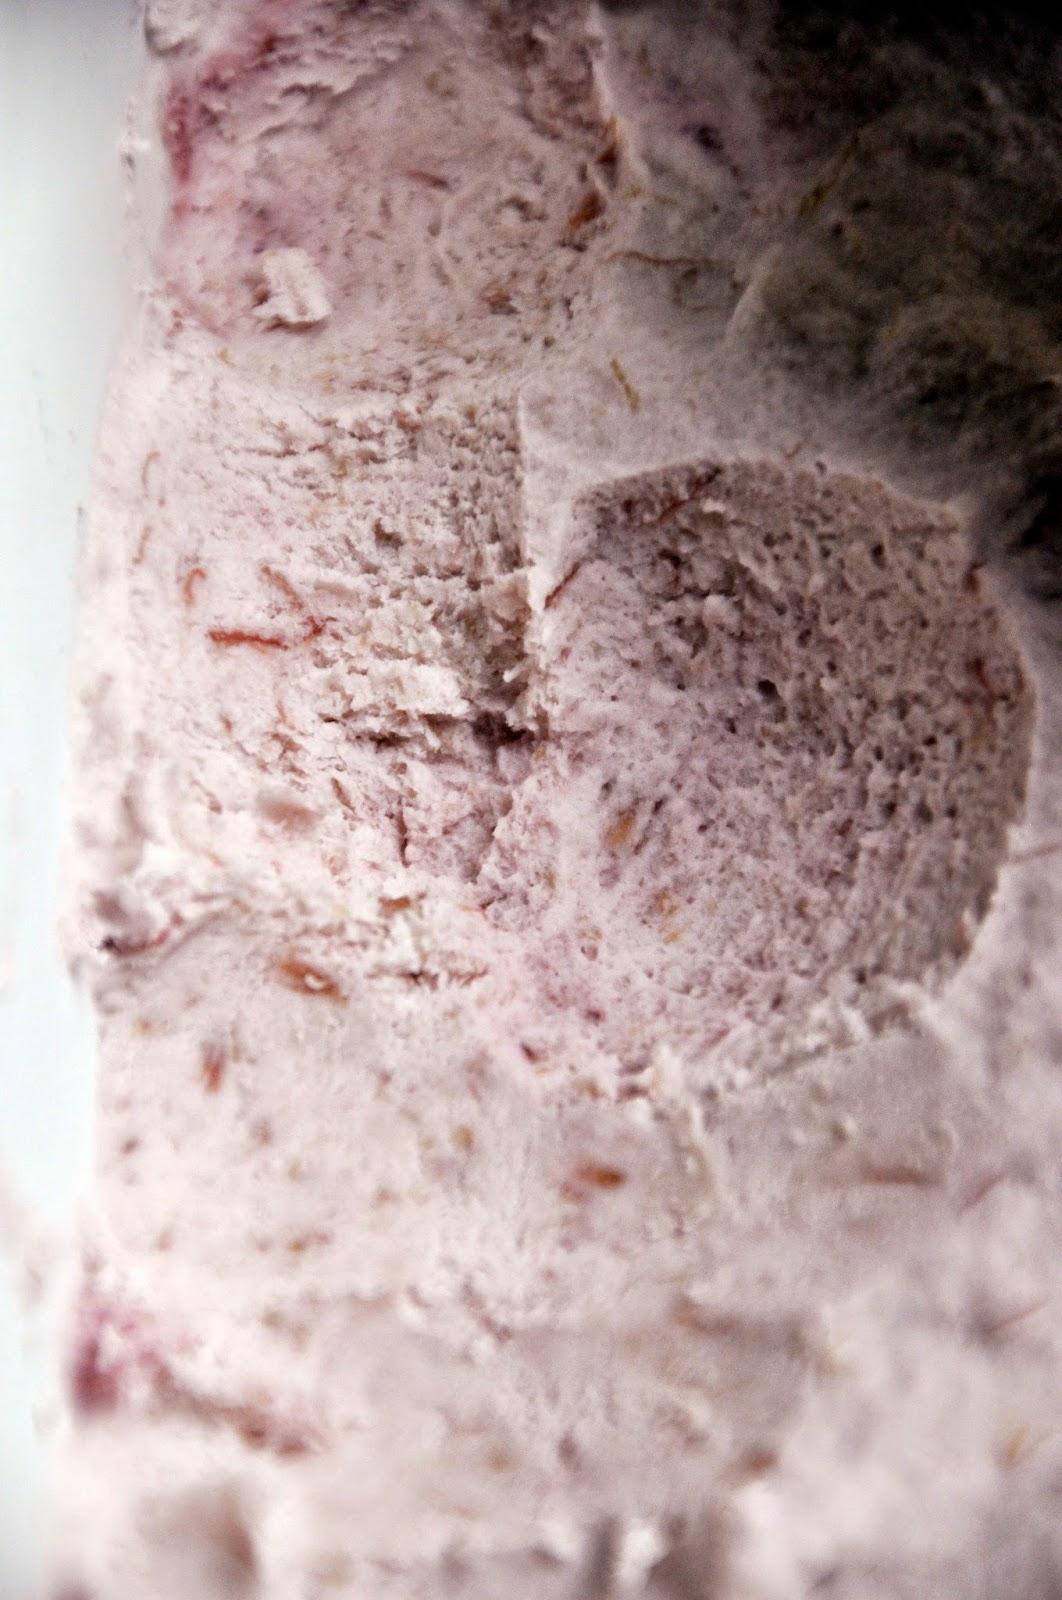 Szybko Tanio Smacznie - Kremowe lody rabarbarowe z czerwonym winem